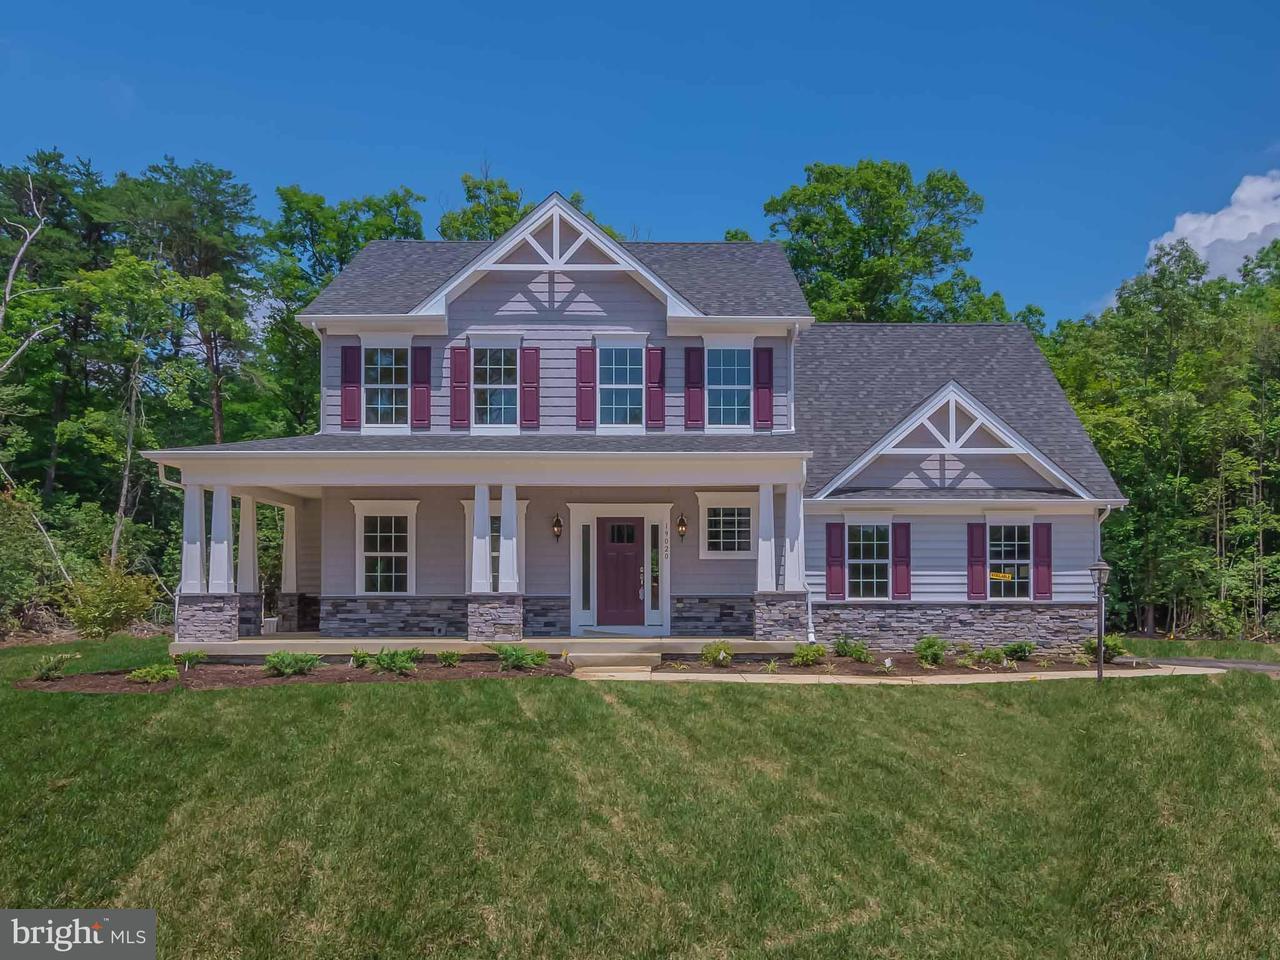 獨棟家庭住宅 為 出售 在 19020 NORTH PORTO BELLO Drive 19020 NORTH PORTO BELLO Drive Drayden, 馬里蘭州 20630 美國